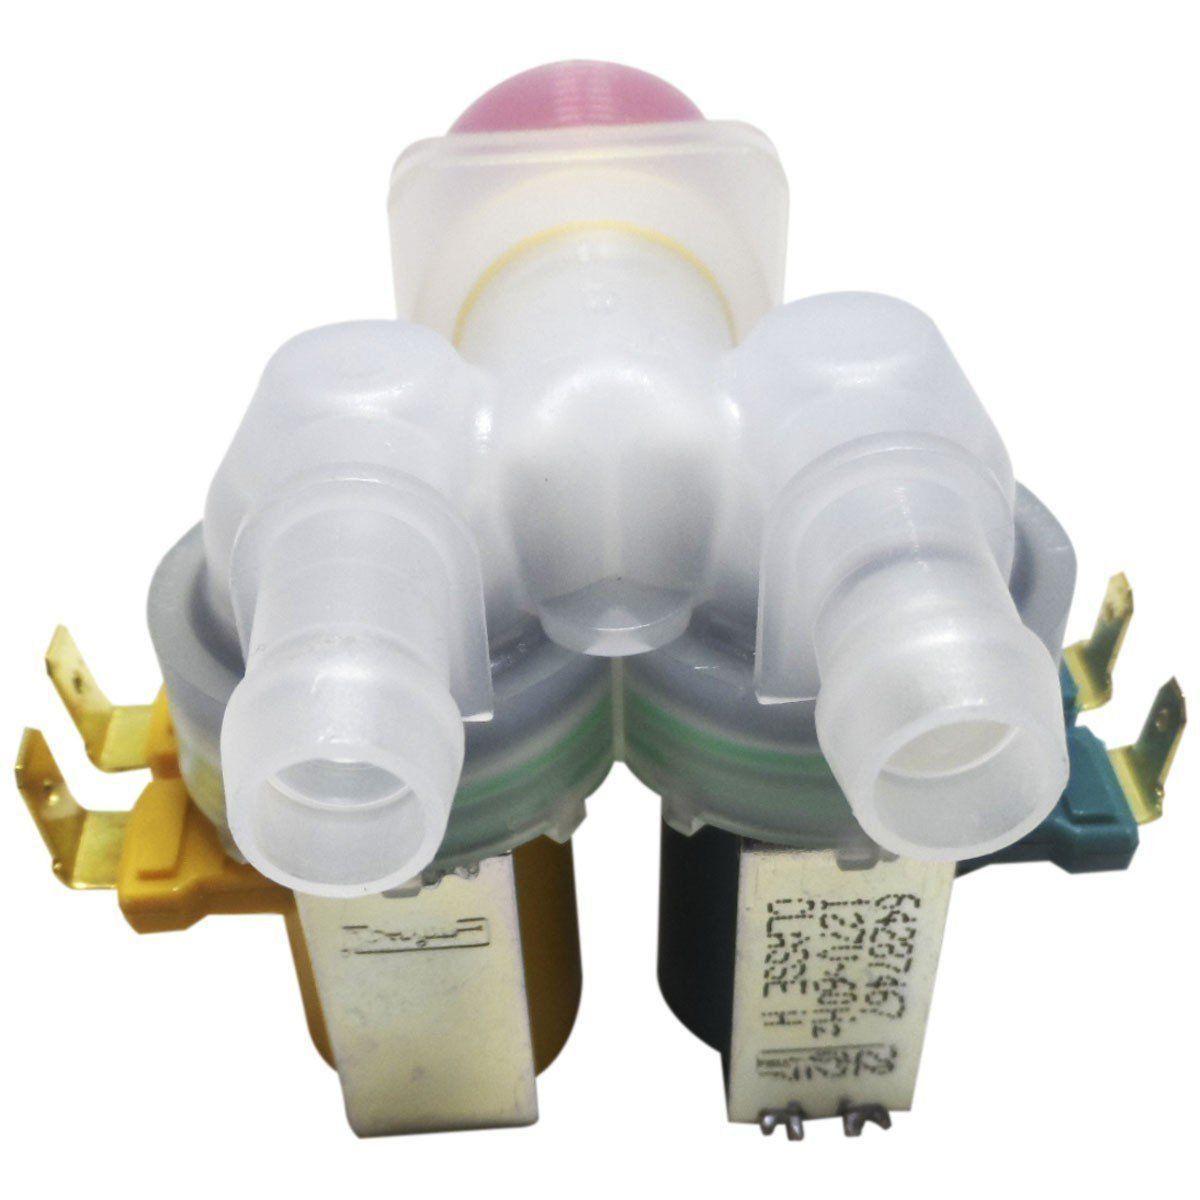 Válvula Dupla Entrada Água Lavadora Electrolux 127V 64287453 Emicol